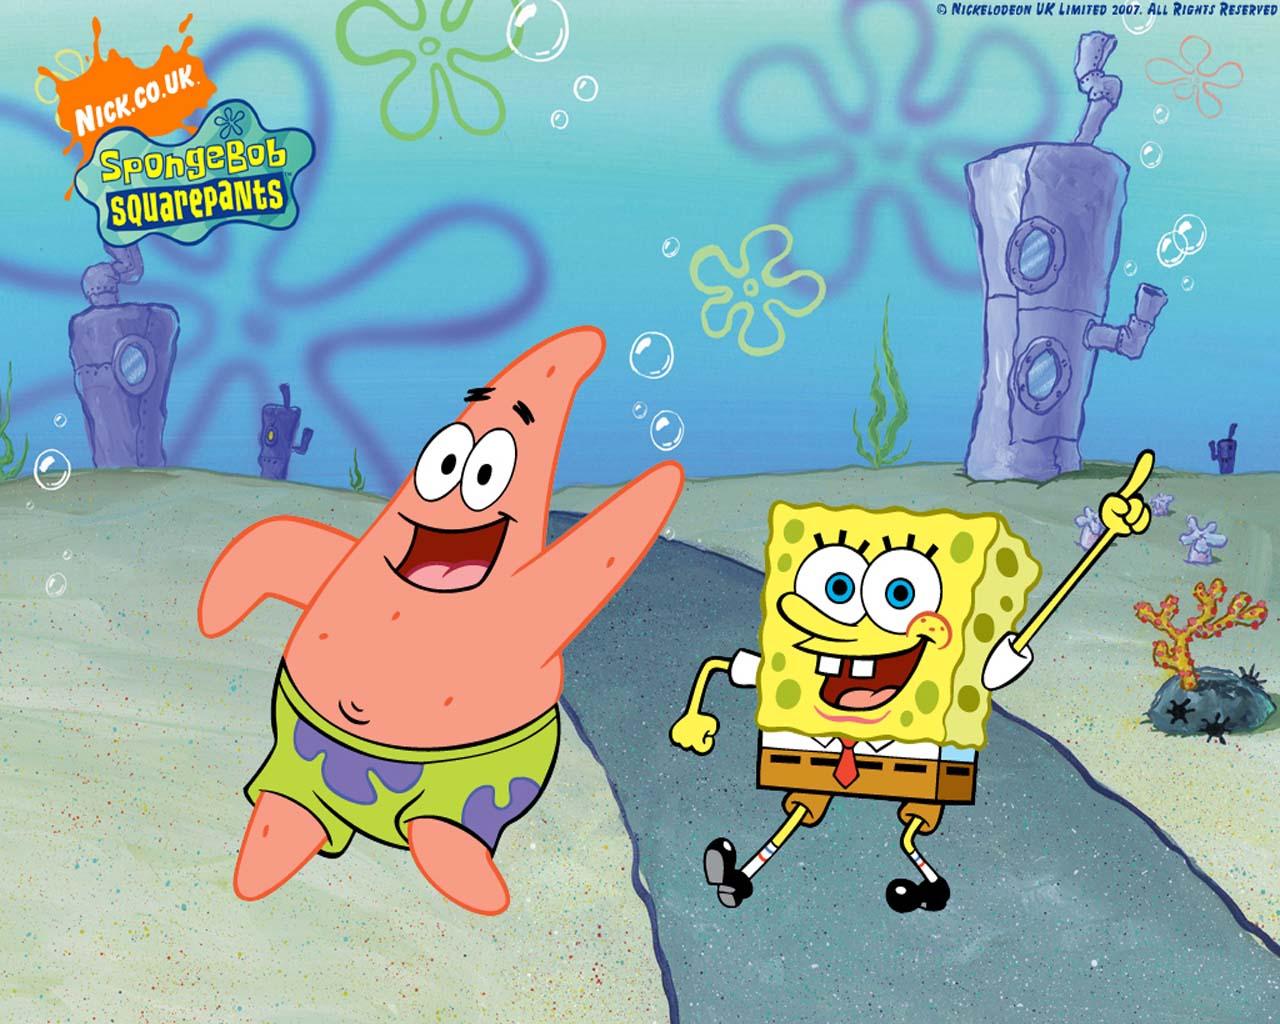 http://1.bp.blogspot.com/-z4a1-FstSrI/UFD19Y1UnWI/AAAAAAAABZM/UsZ4AtKtpMM/s1600/Spongebob+Wallpaper+(6).jpg